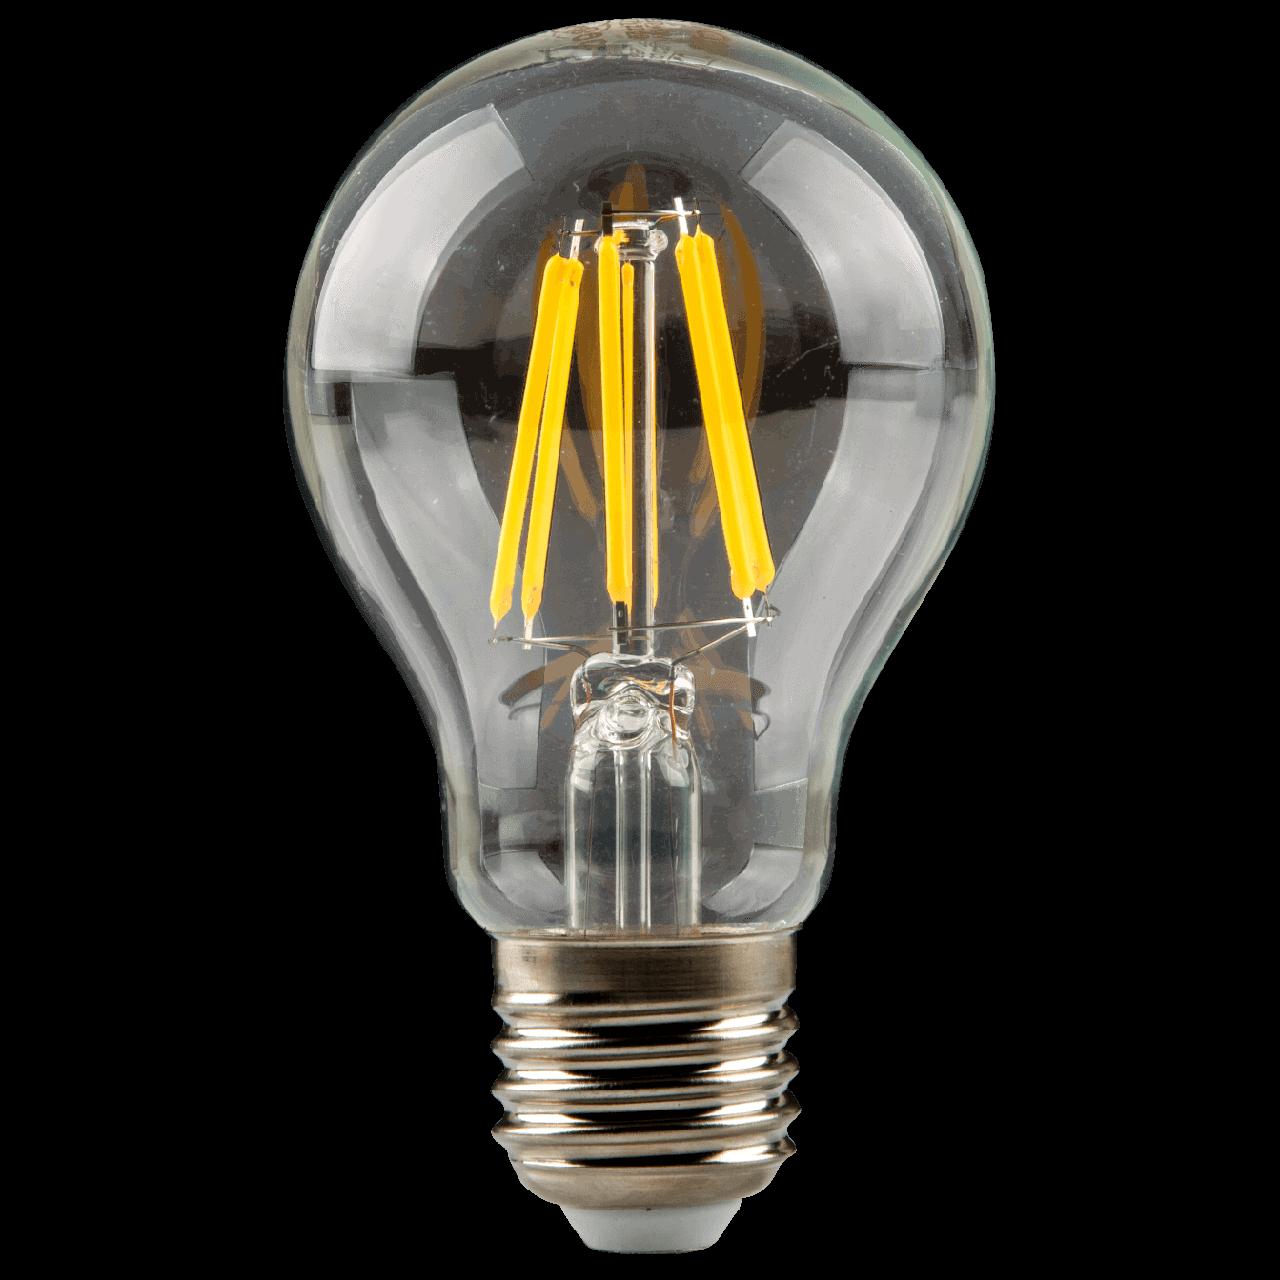 Светодиодная филаментная лампа Ilumia 8Вт, цоколь Е27, 4000К (нейтральный белый), 820Лм (058)